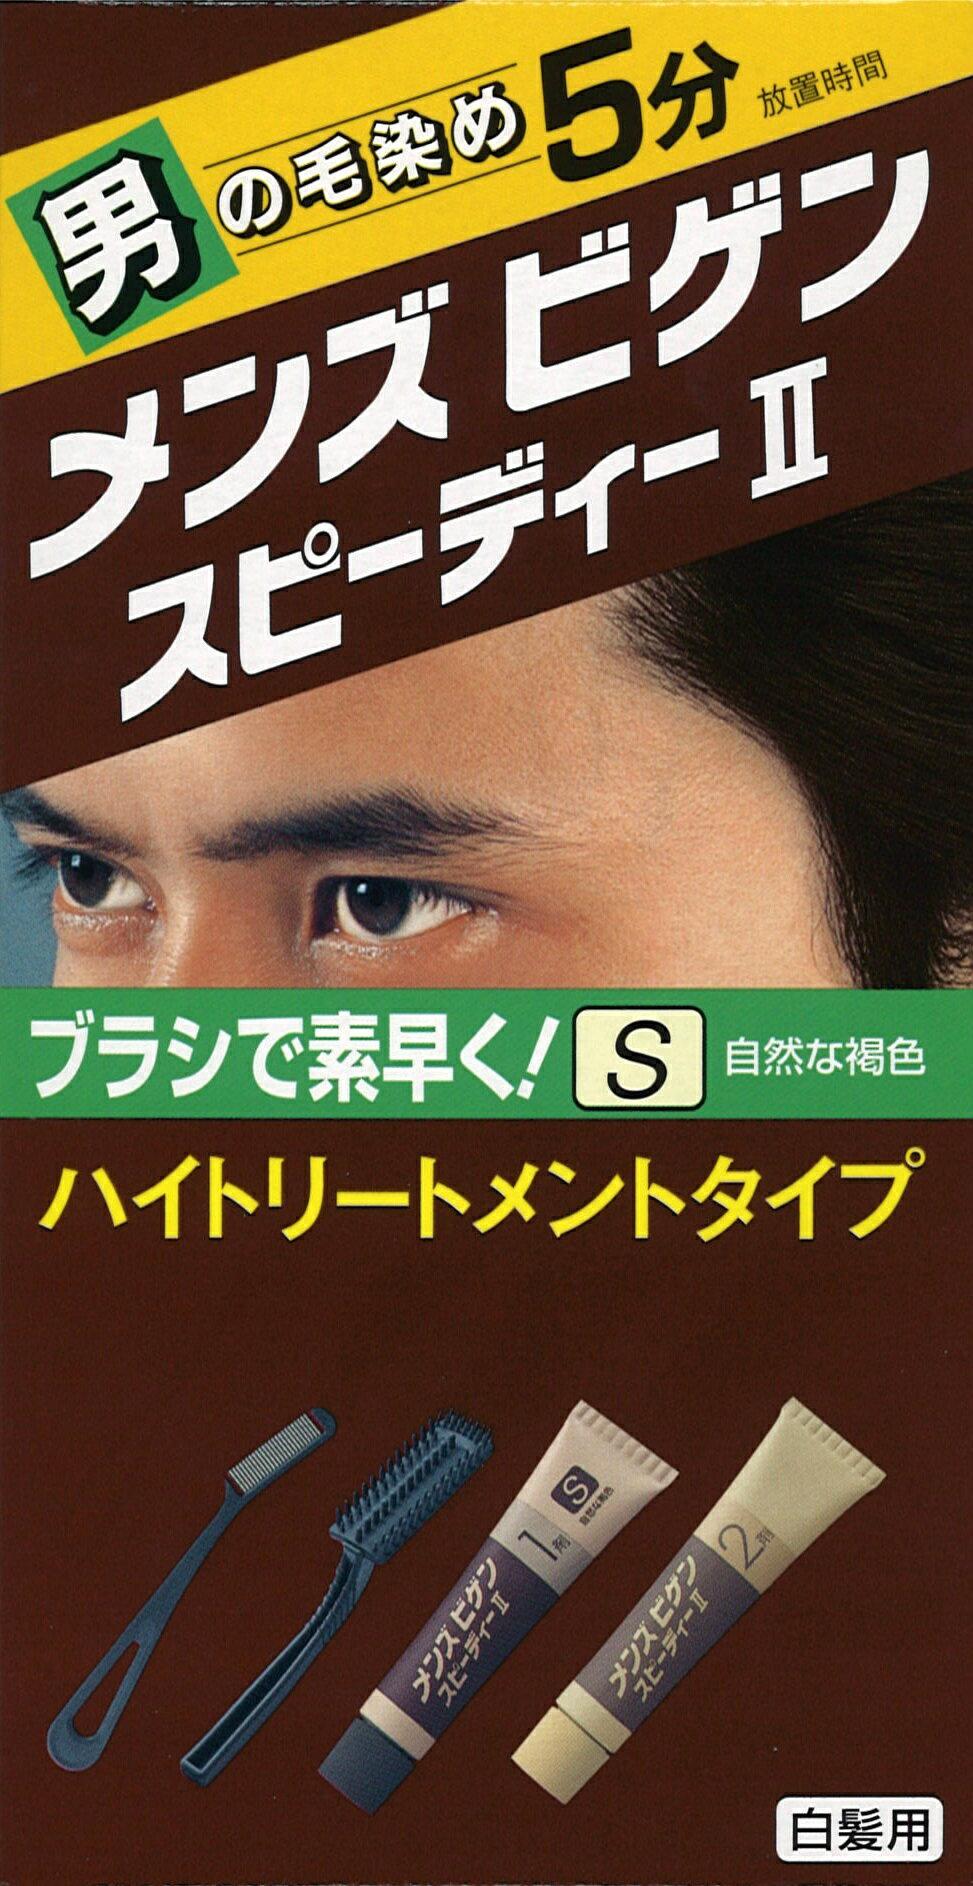 Men's Bigen美源男士 彩絲快速染髮霜【S】自然褐色 - 限時優惠好康折扣